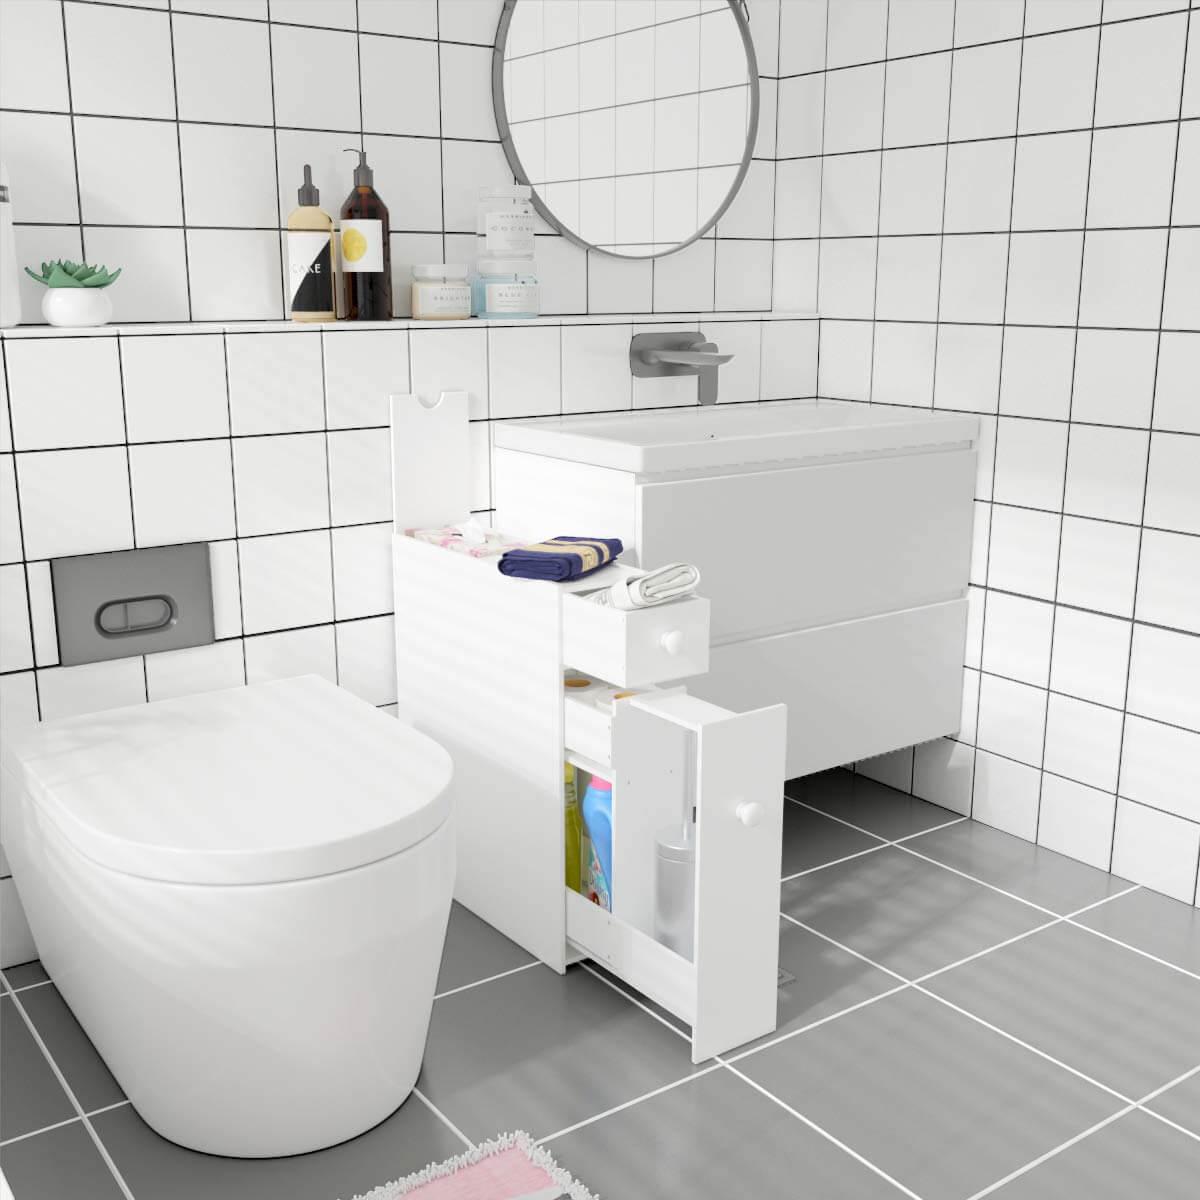 хранение ванных принадлежностей фото 1